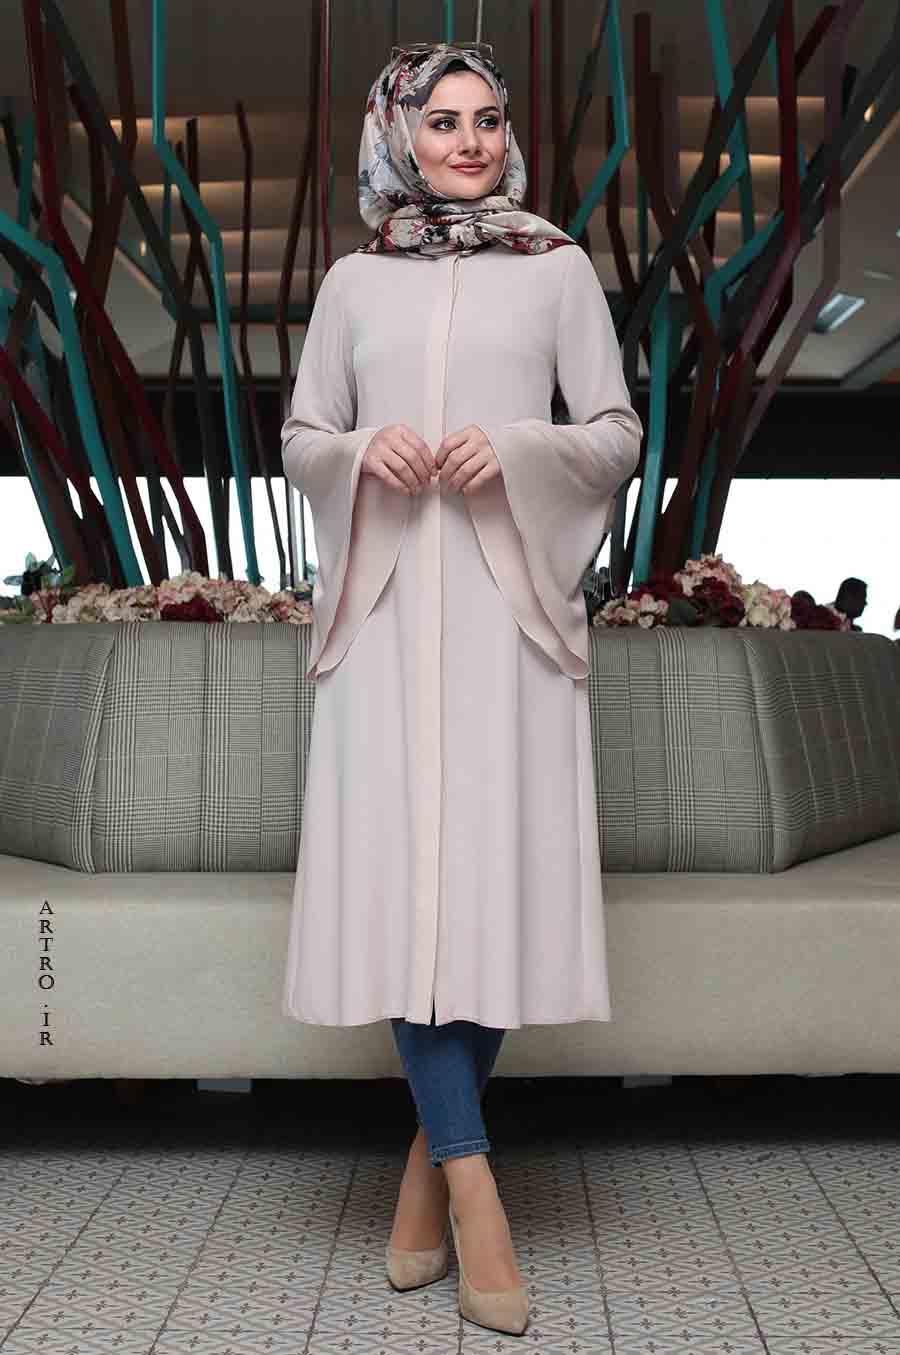 جدید ترین مدل مانتو دخترانه تابستانی 2018-2019